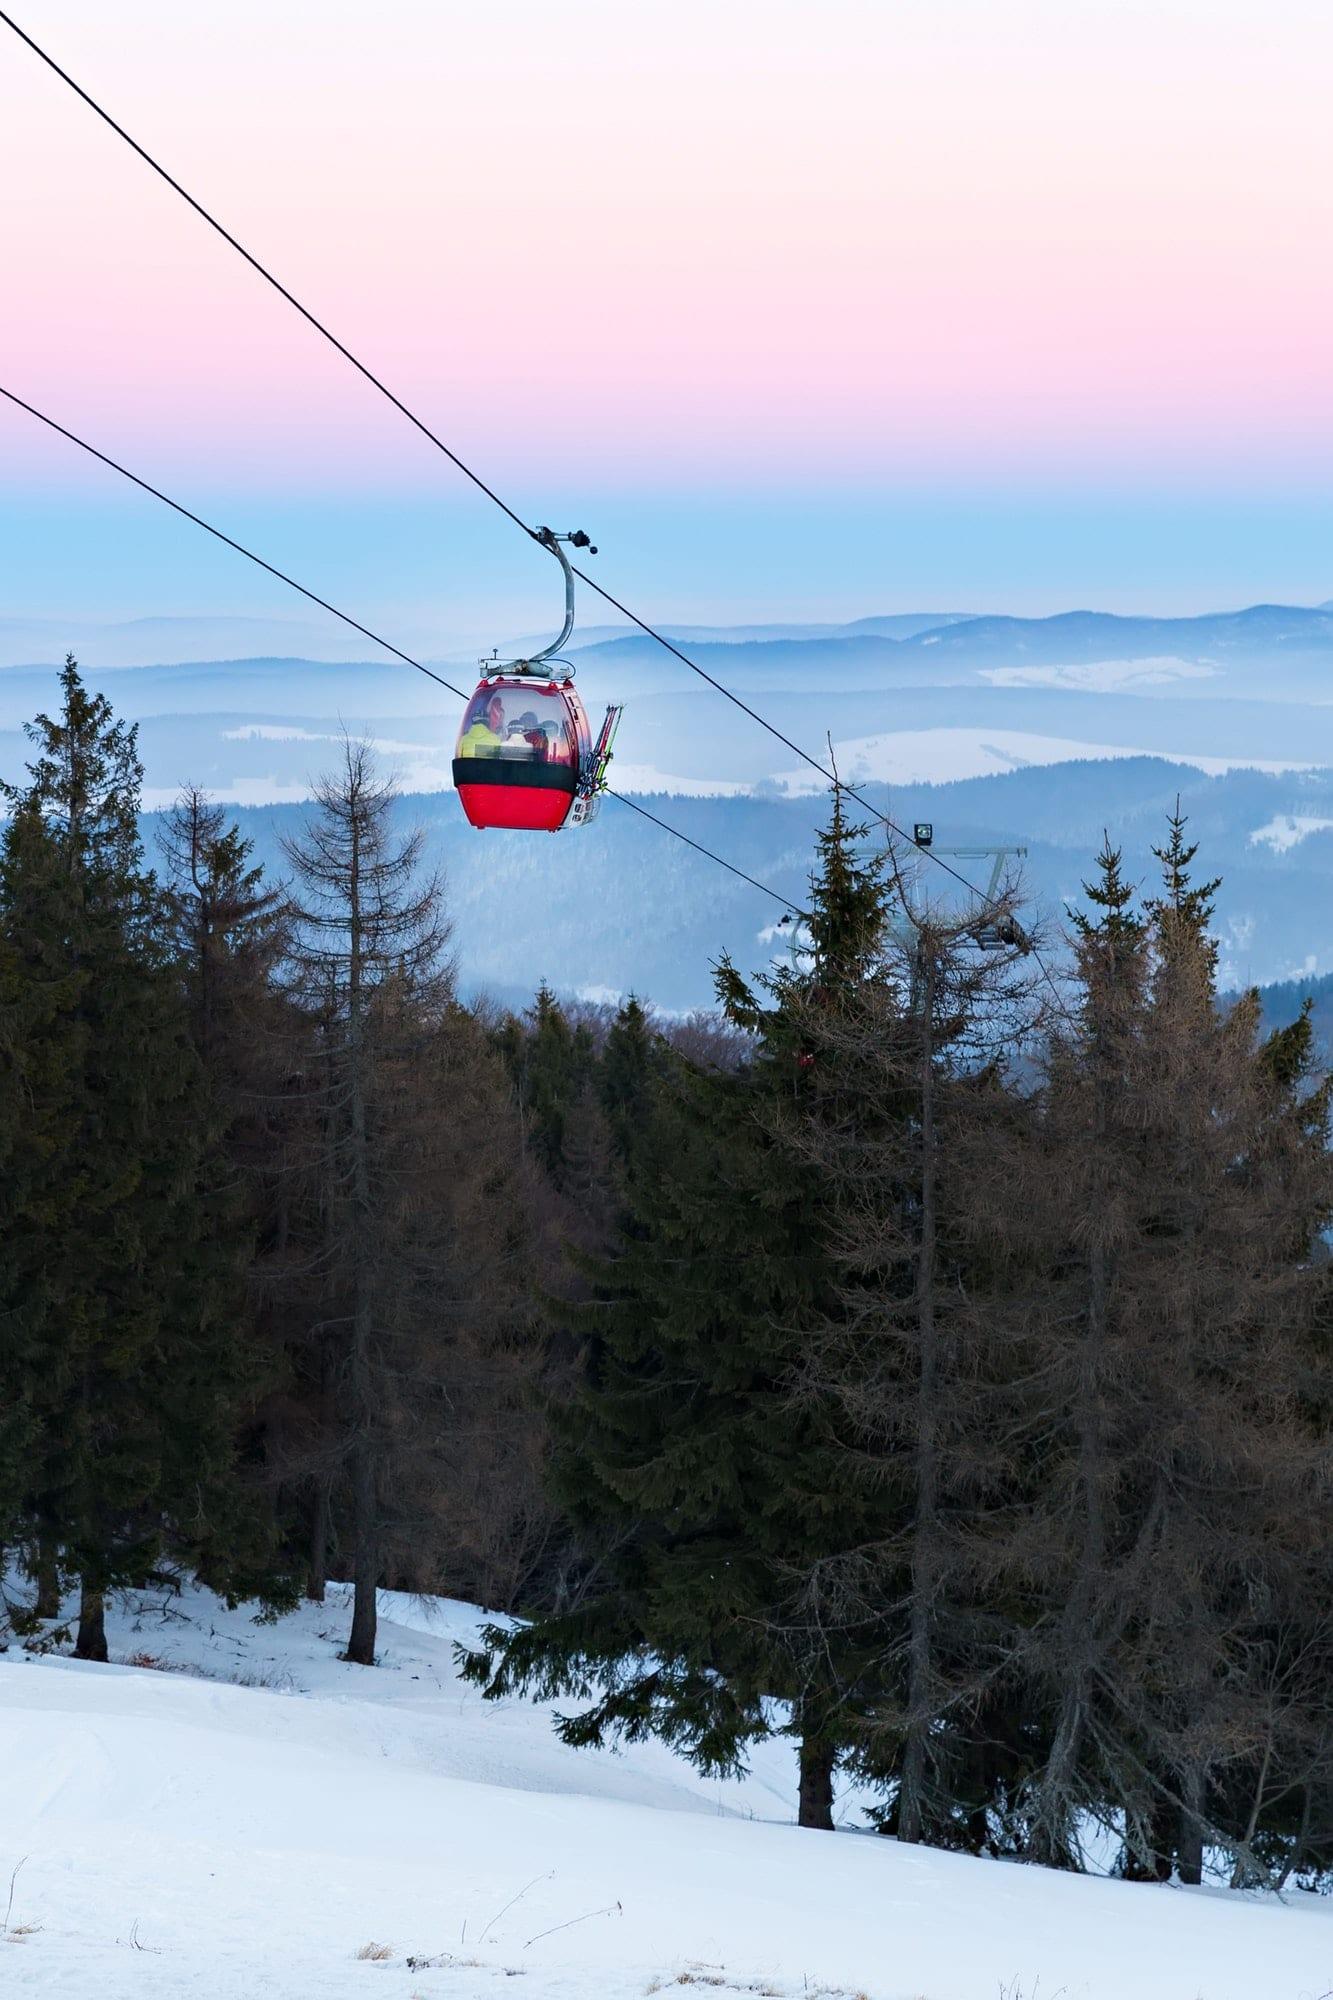 Gondola ski lift